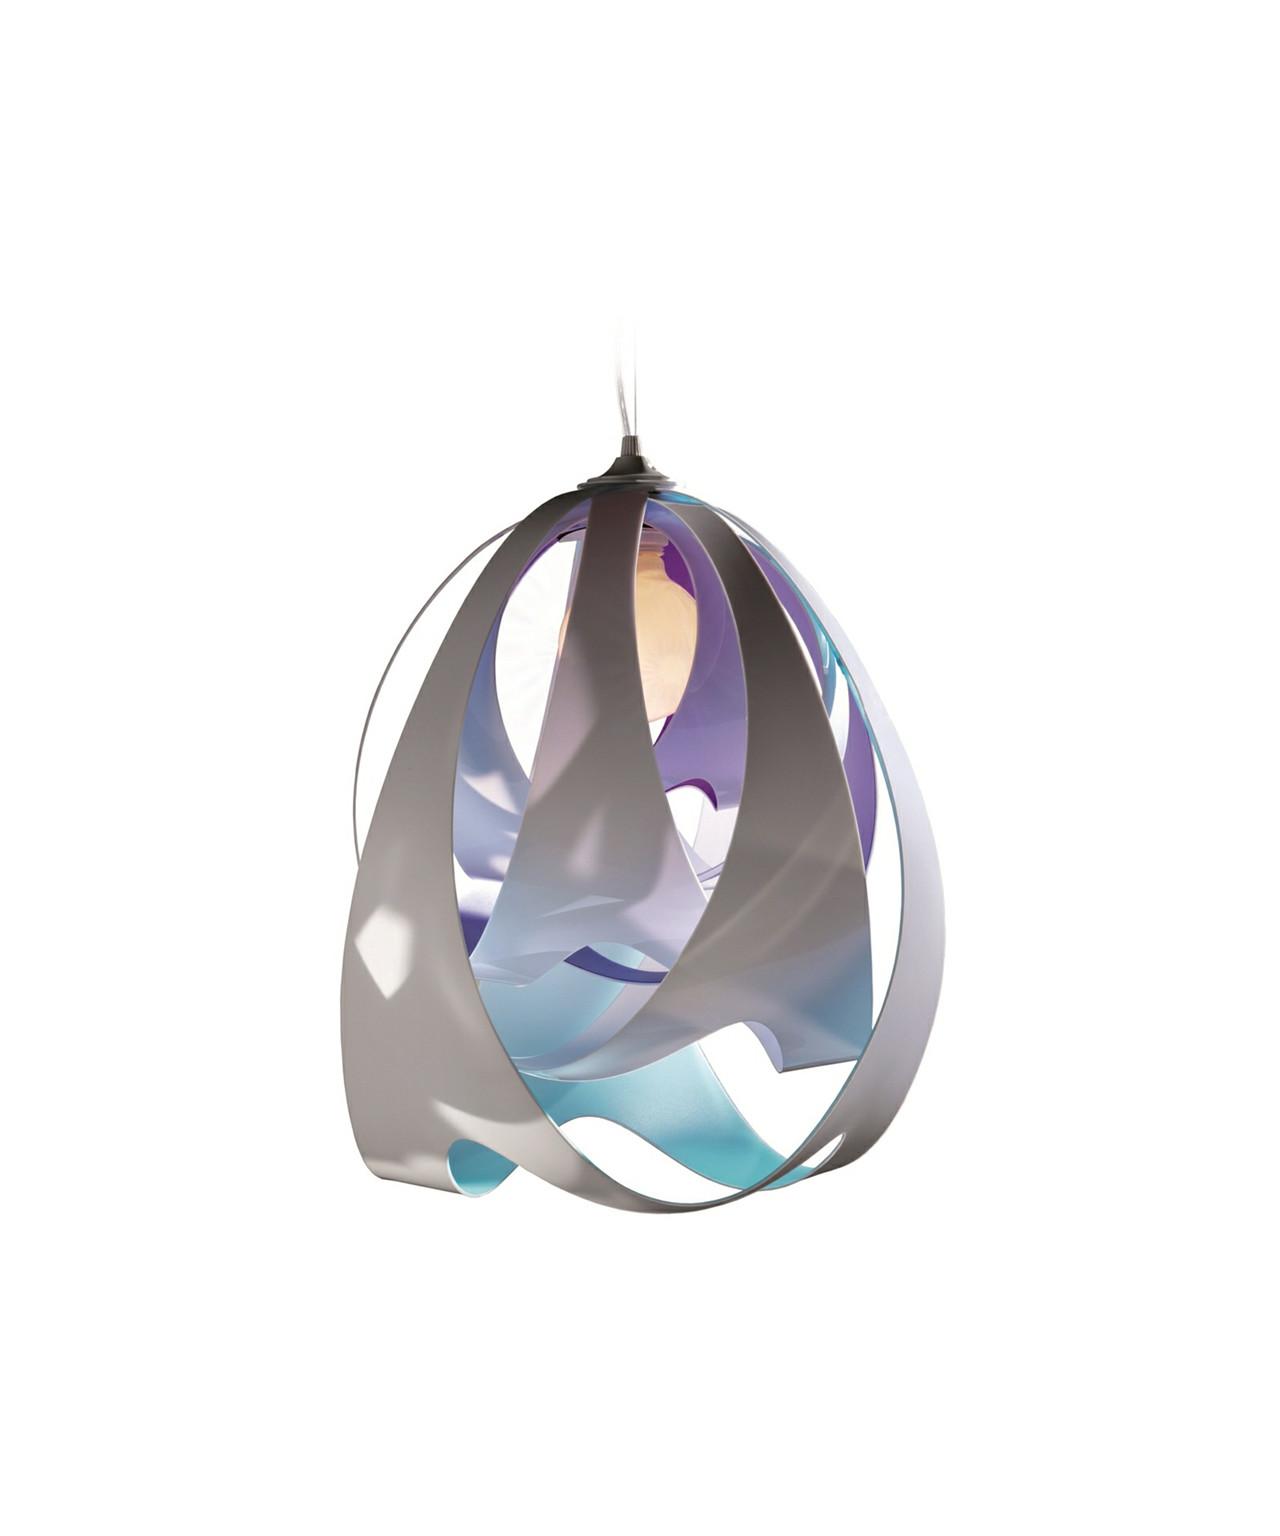 Goccia pendel opal blå/lilla/hvid